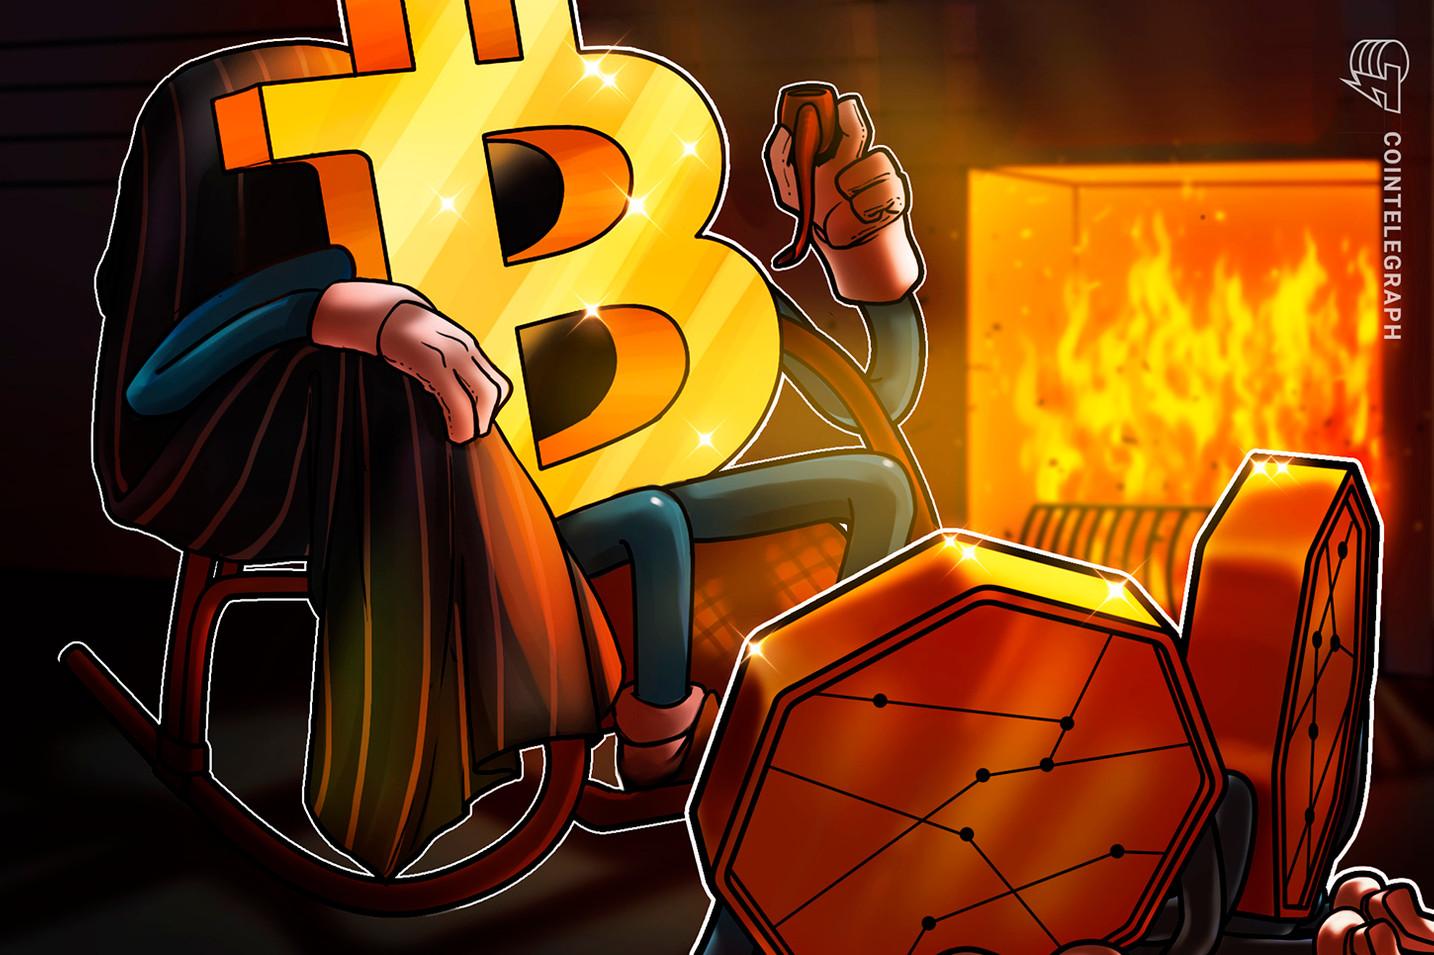 Una familia holandesa que liquidó todos sus activos en Bitcoin revela cómo almacena su criptofortuna